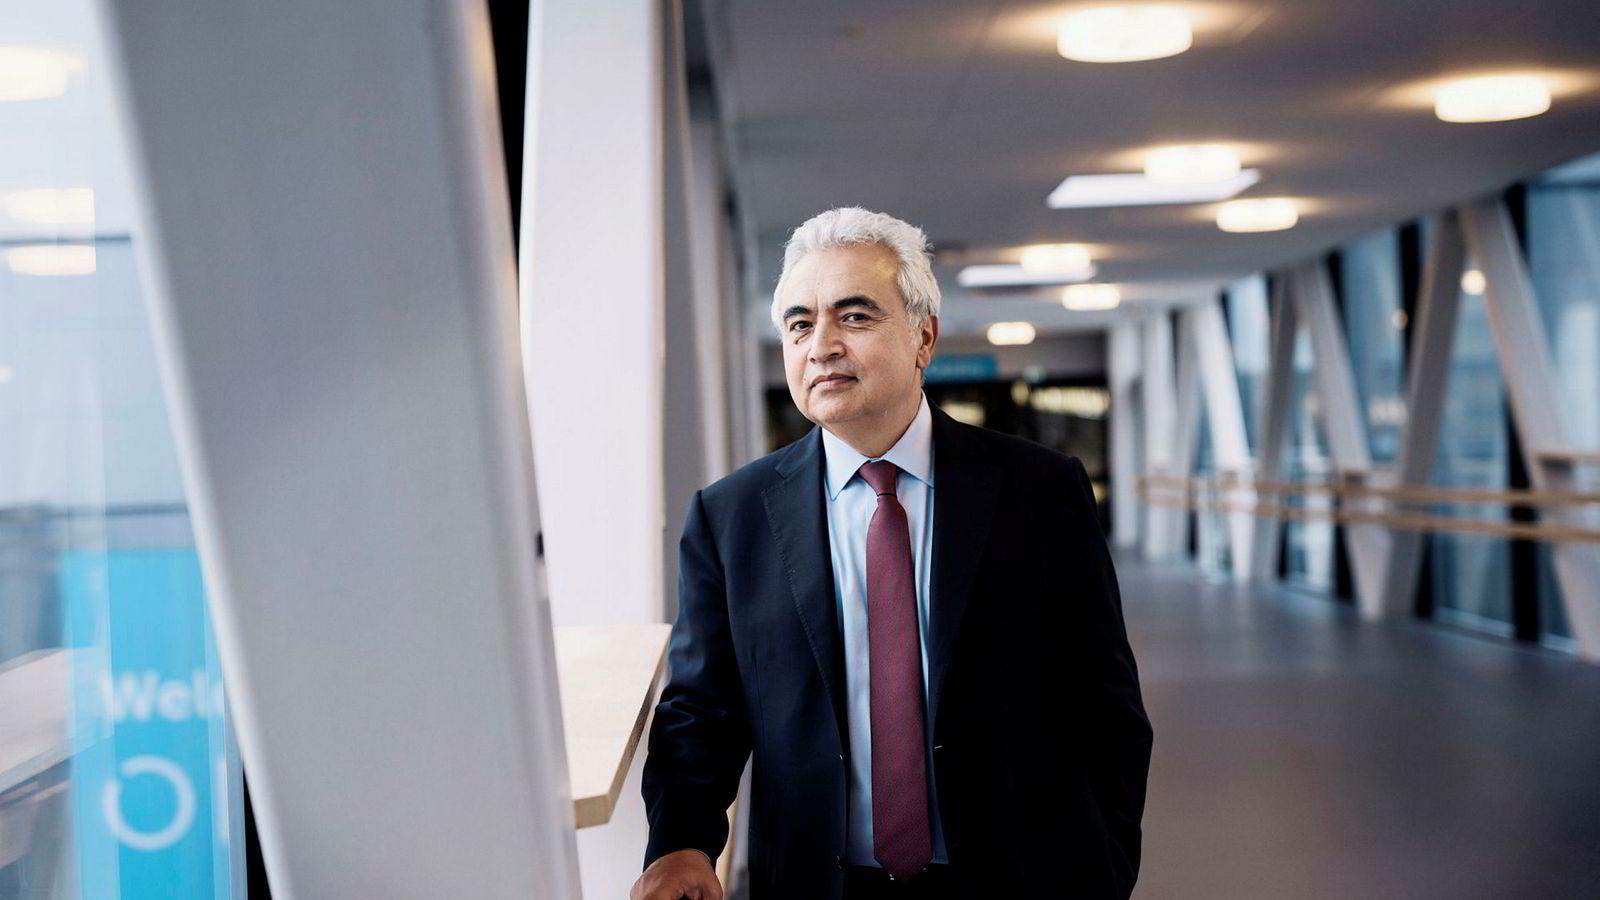 Fatih Birol, toppsjef i Det internasjonale energibyrået.